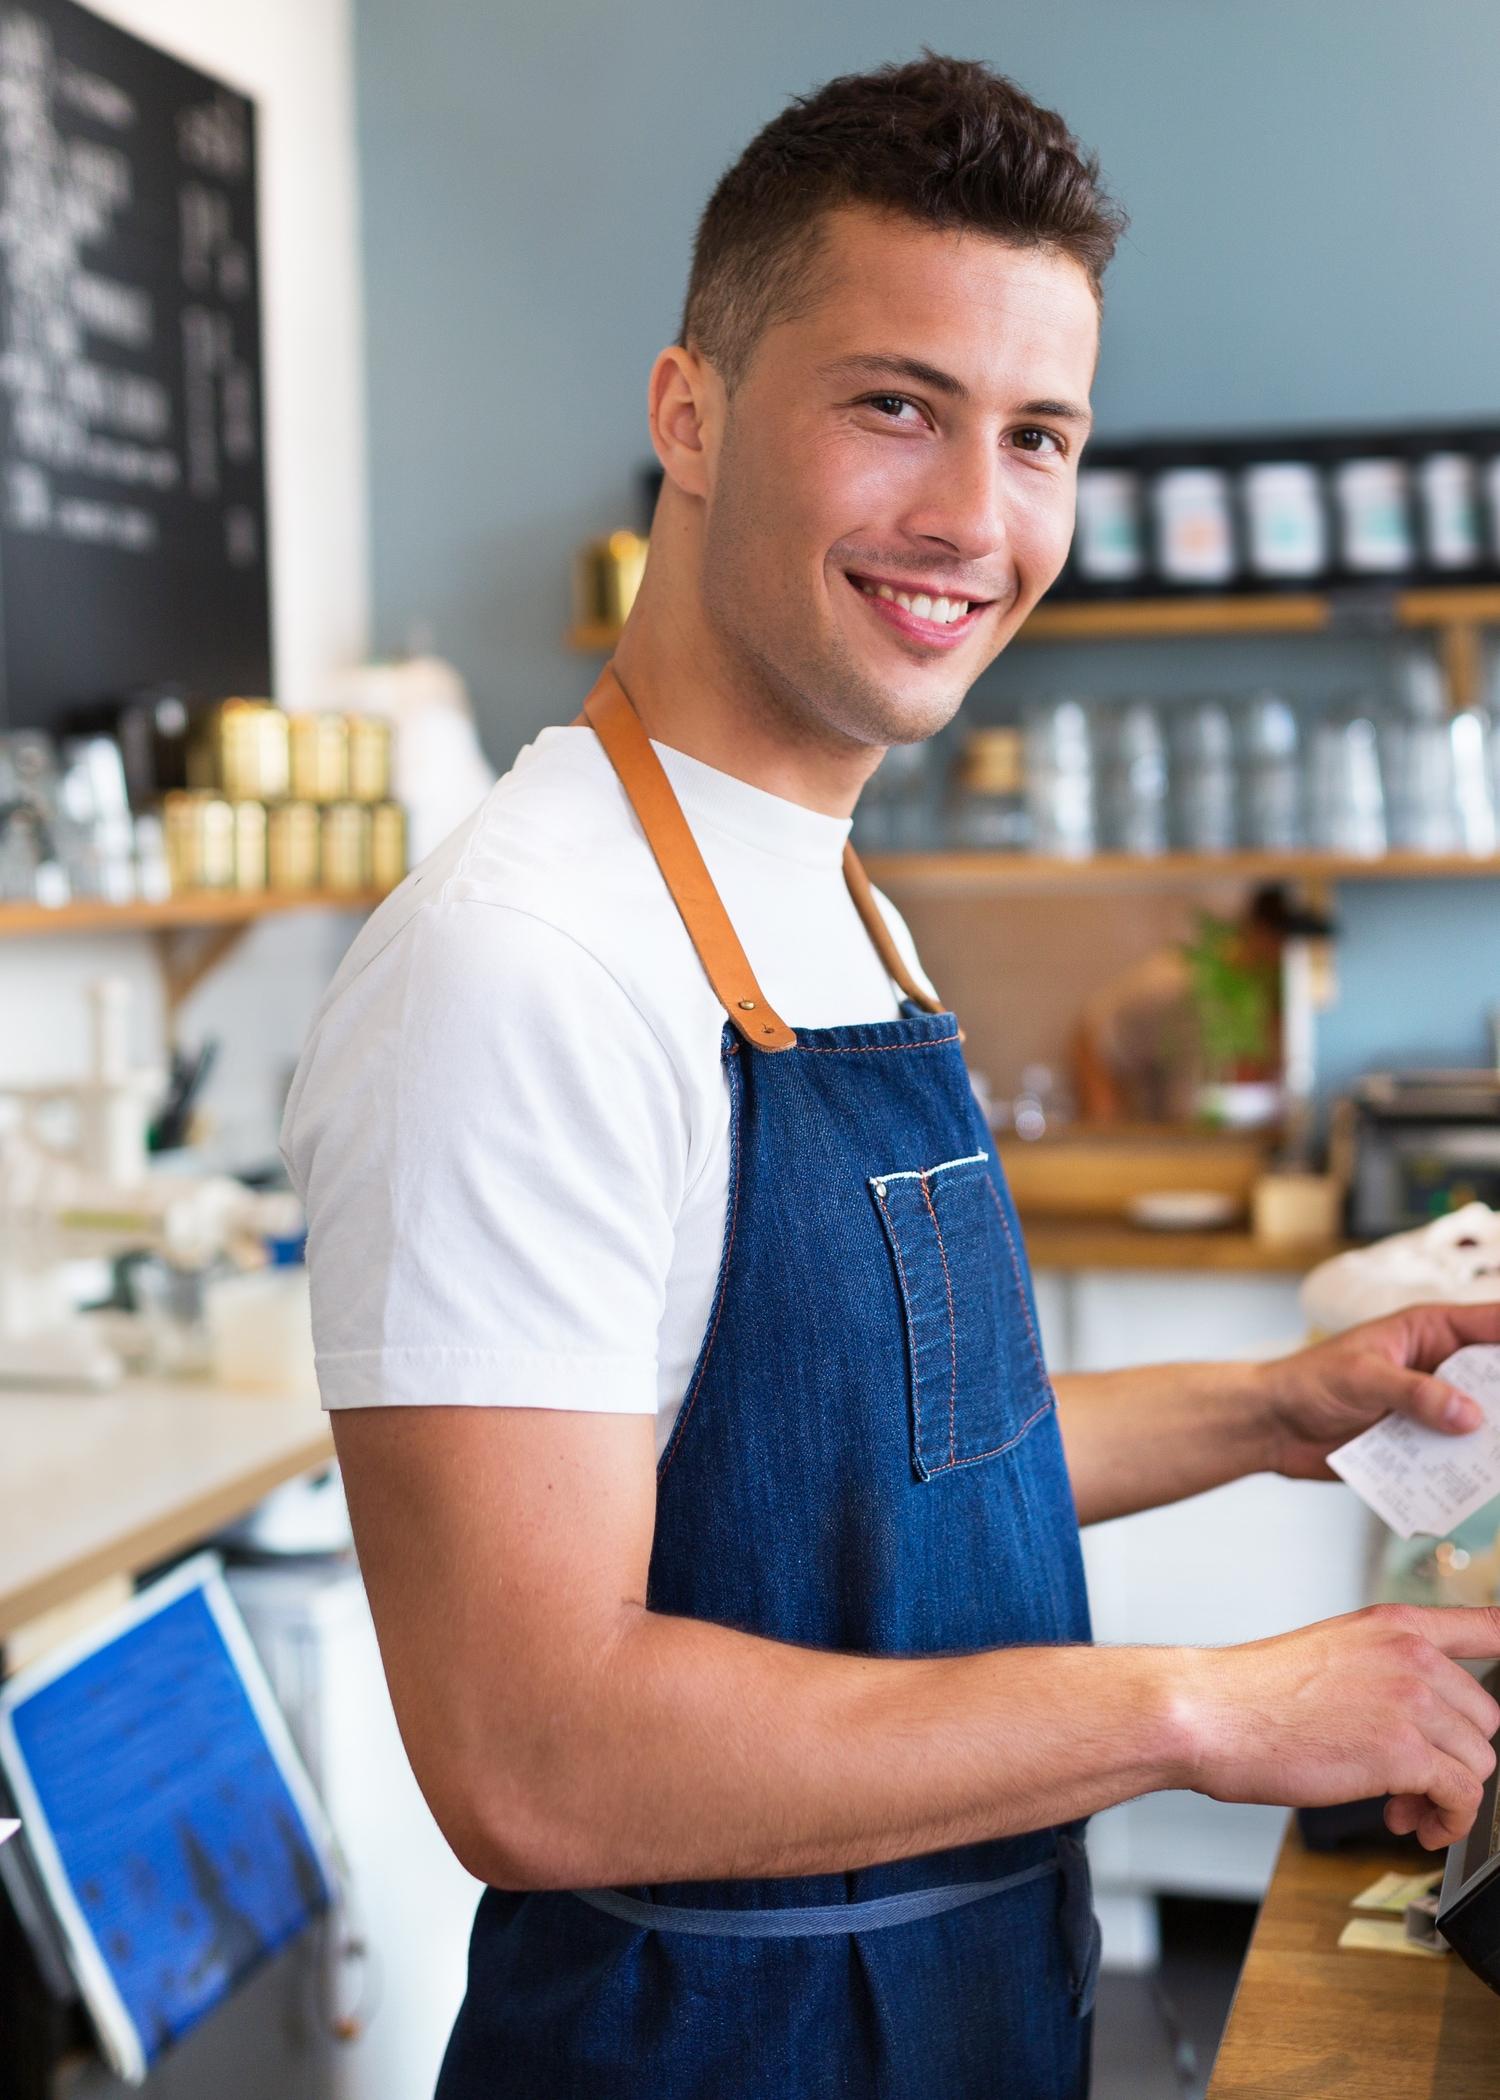 Praktikum - Englisch in Irland - Work Experince in a Cafe - Viele Kunde treffen